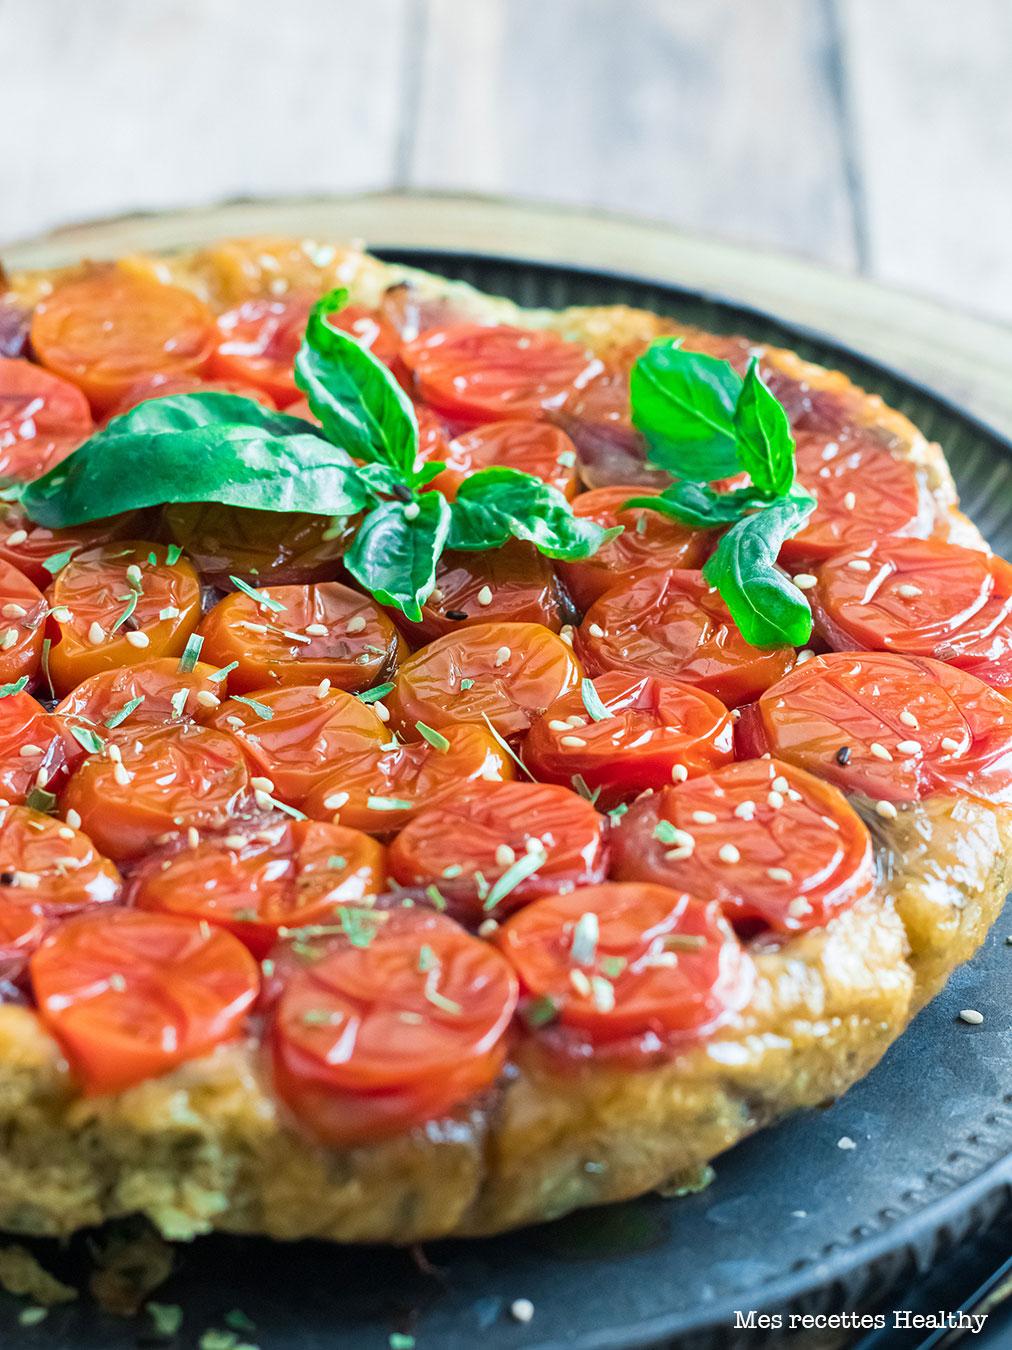 recette healthy-tarte tatin-tomate-oignon